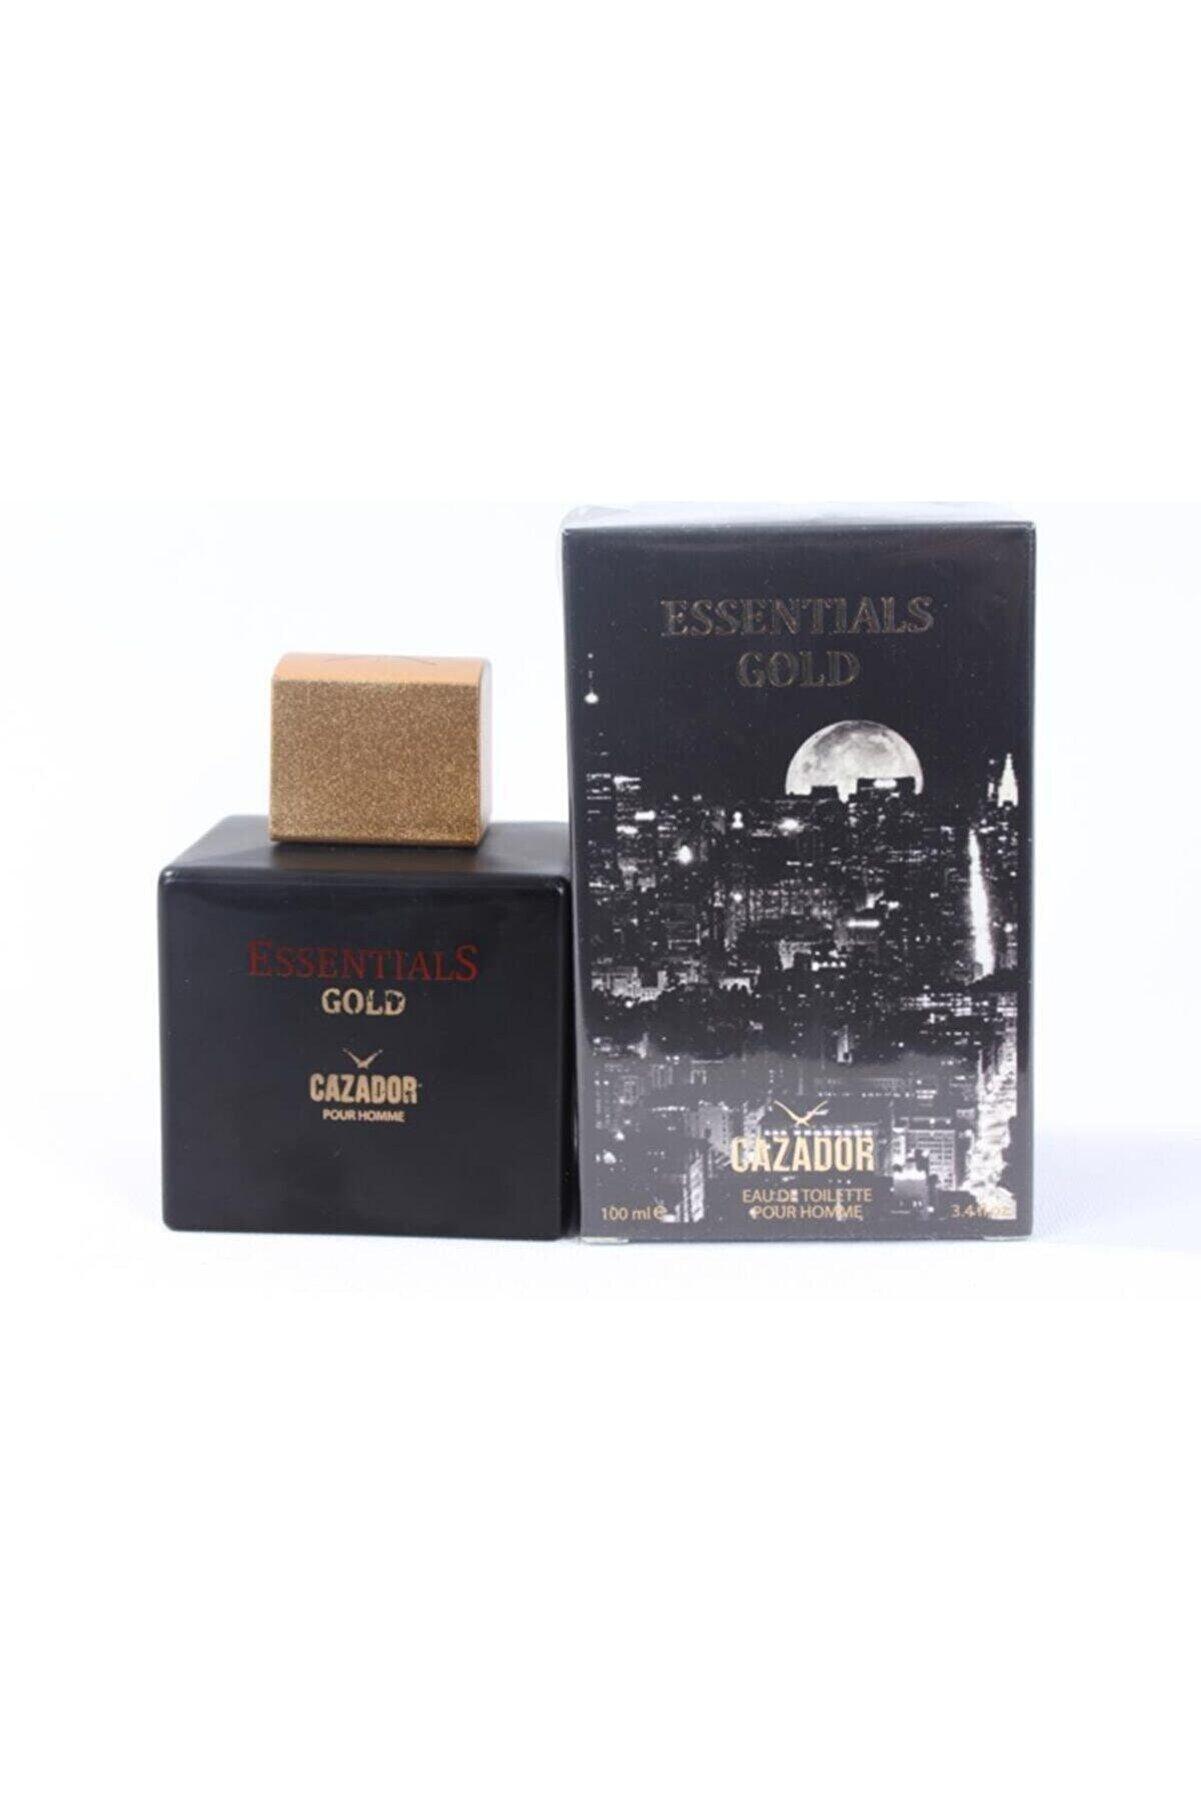 Cazador Czdr9556 Essentıal Gold Erkek Parfüm 100cl